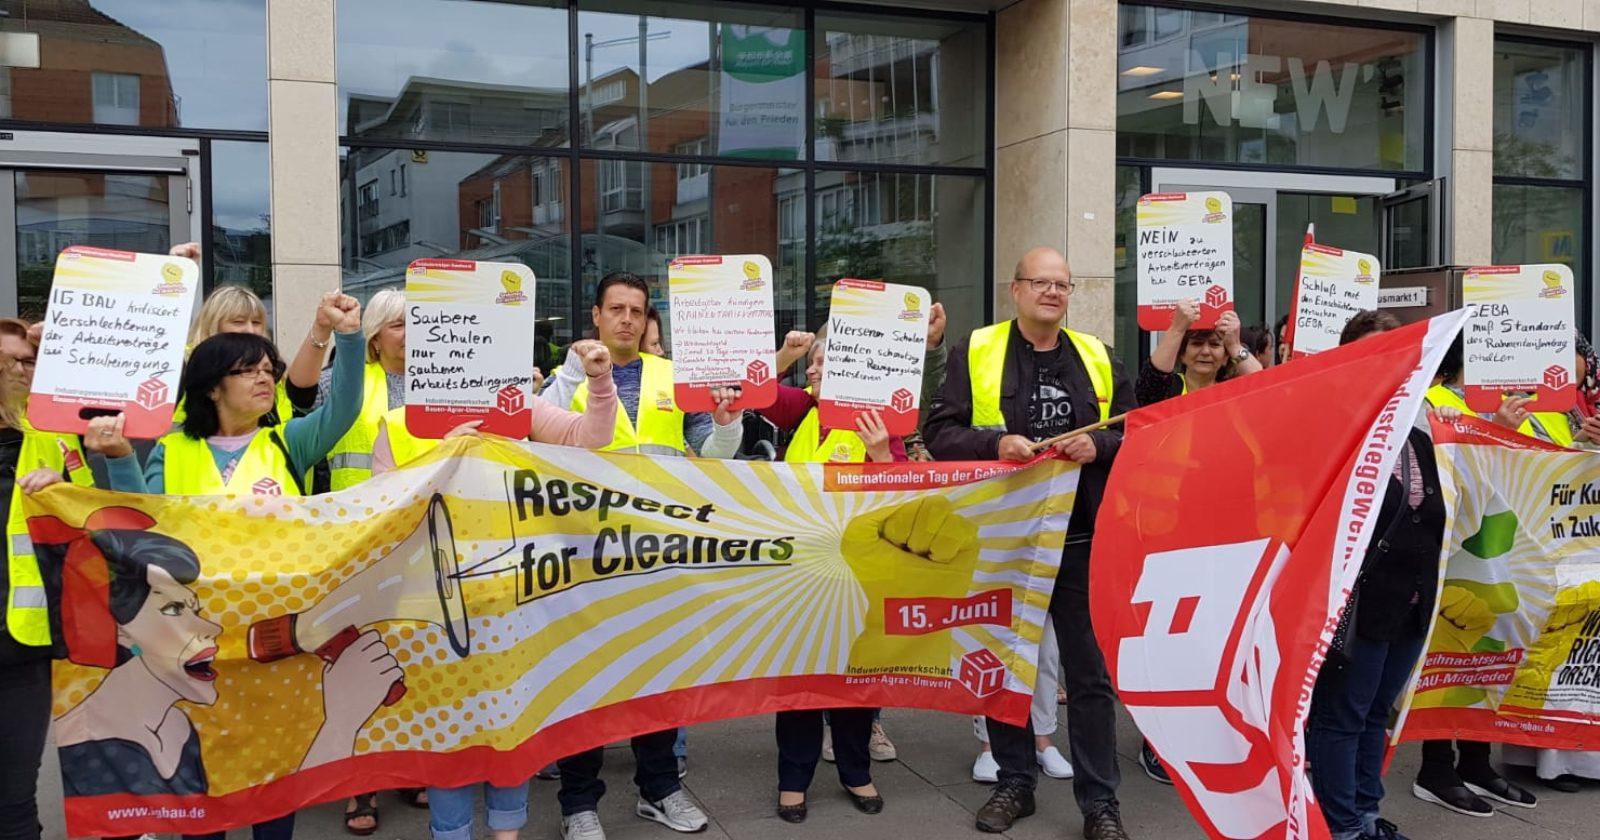 Verschlechterung durch neue Arbeitsverträge? - Nicht mit uns! Beschäftigte von GEBA wehren sich gegen Änderungsverträge